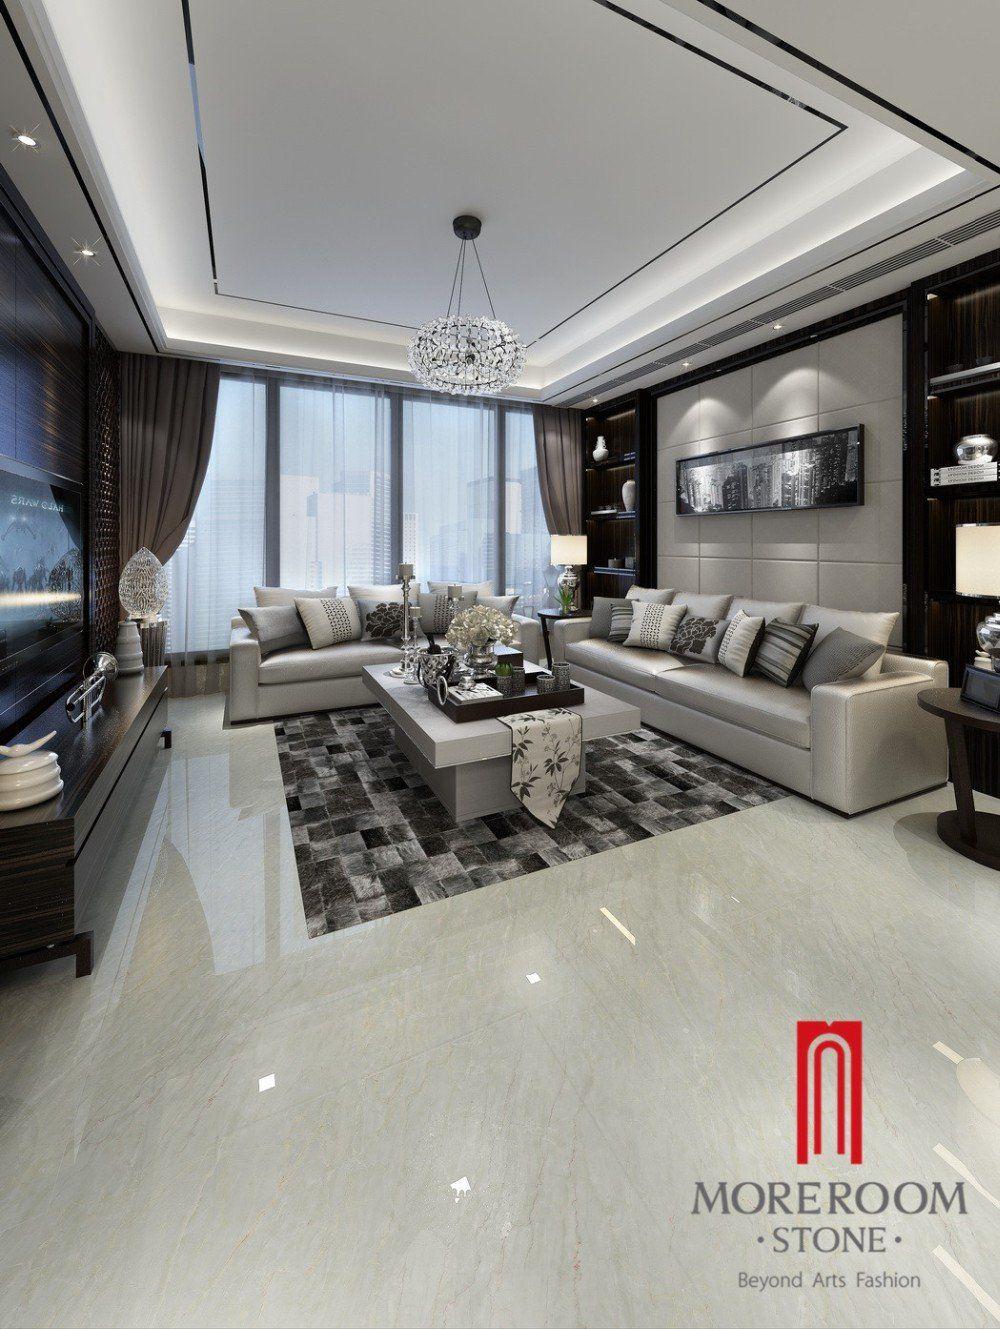 Tiles Design For Living Room Wall: Living Room Wall Tiles Design Inspirational Foshan White